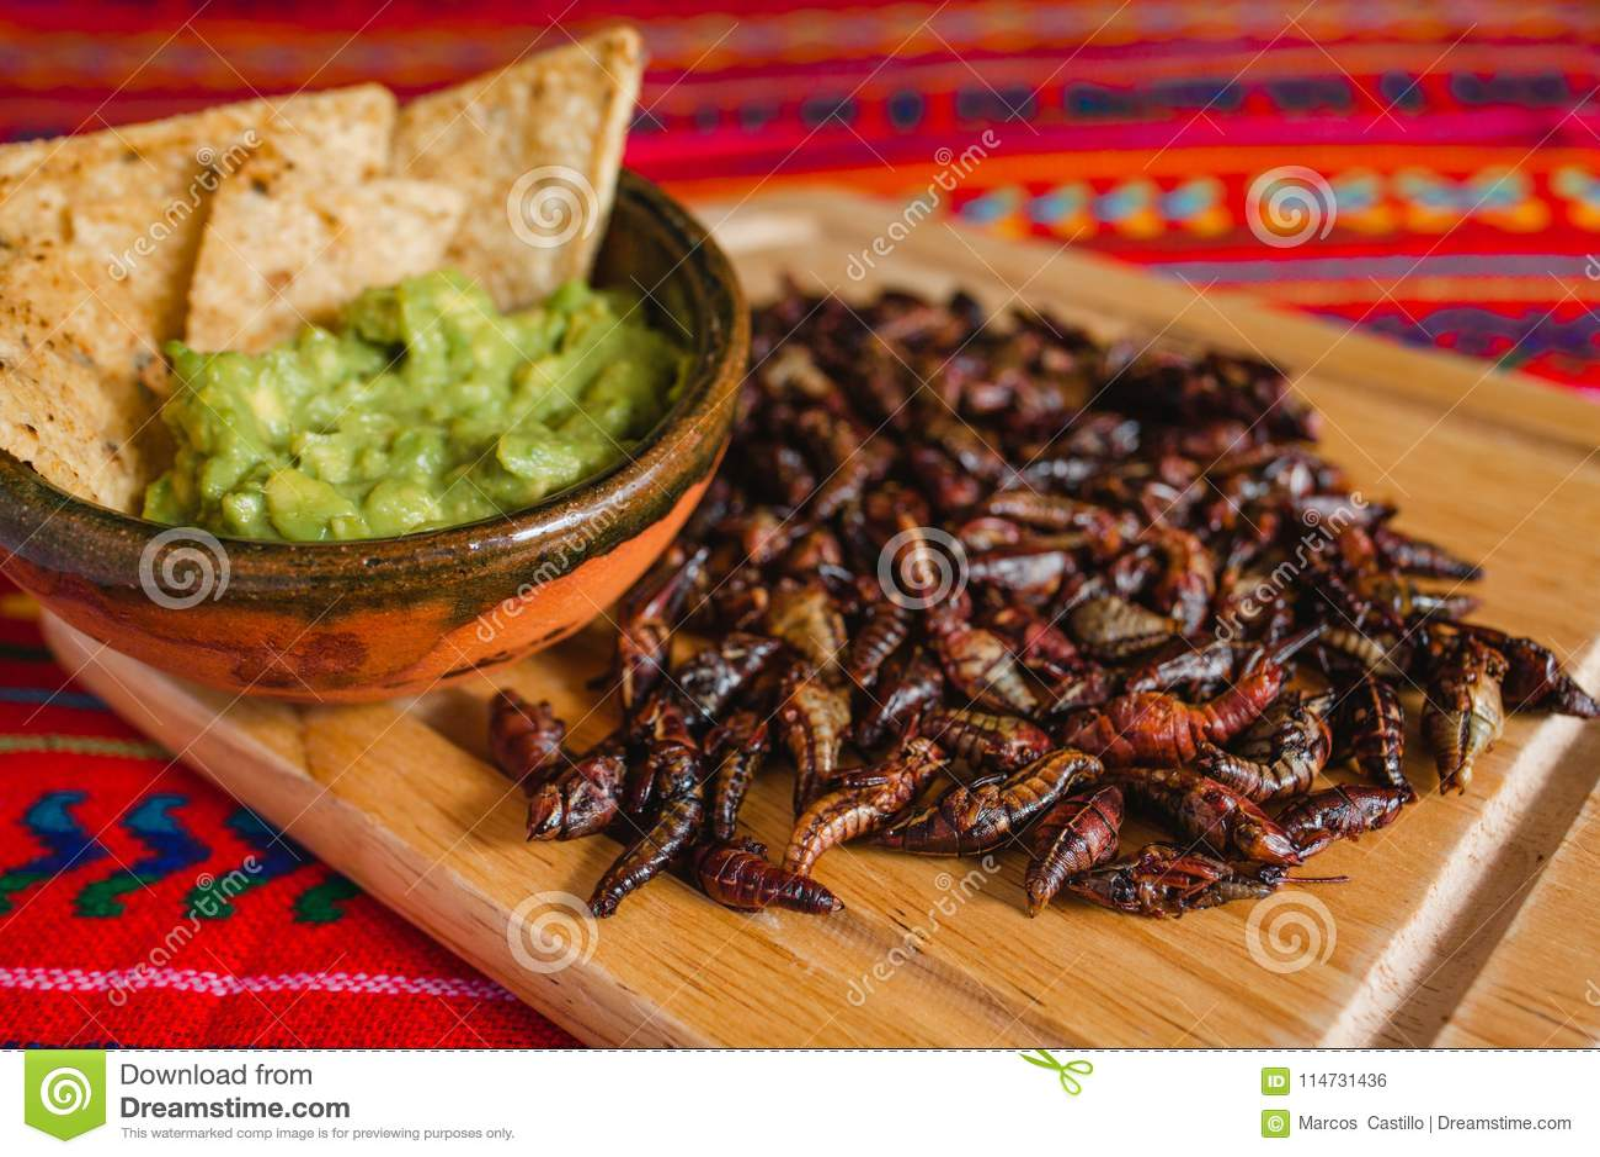 Chapulines, sprinkhanen en guacamole snack traditionele Mexicaanse keuken van Oaxaca Mexico